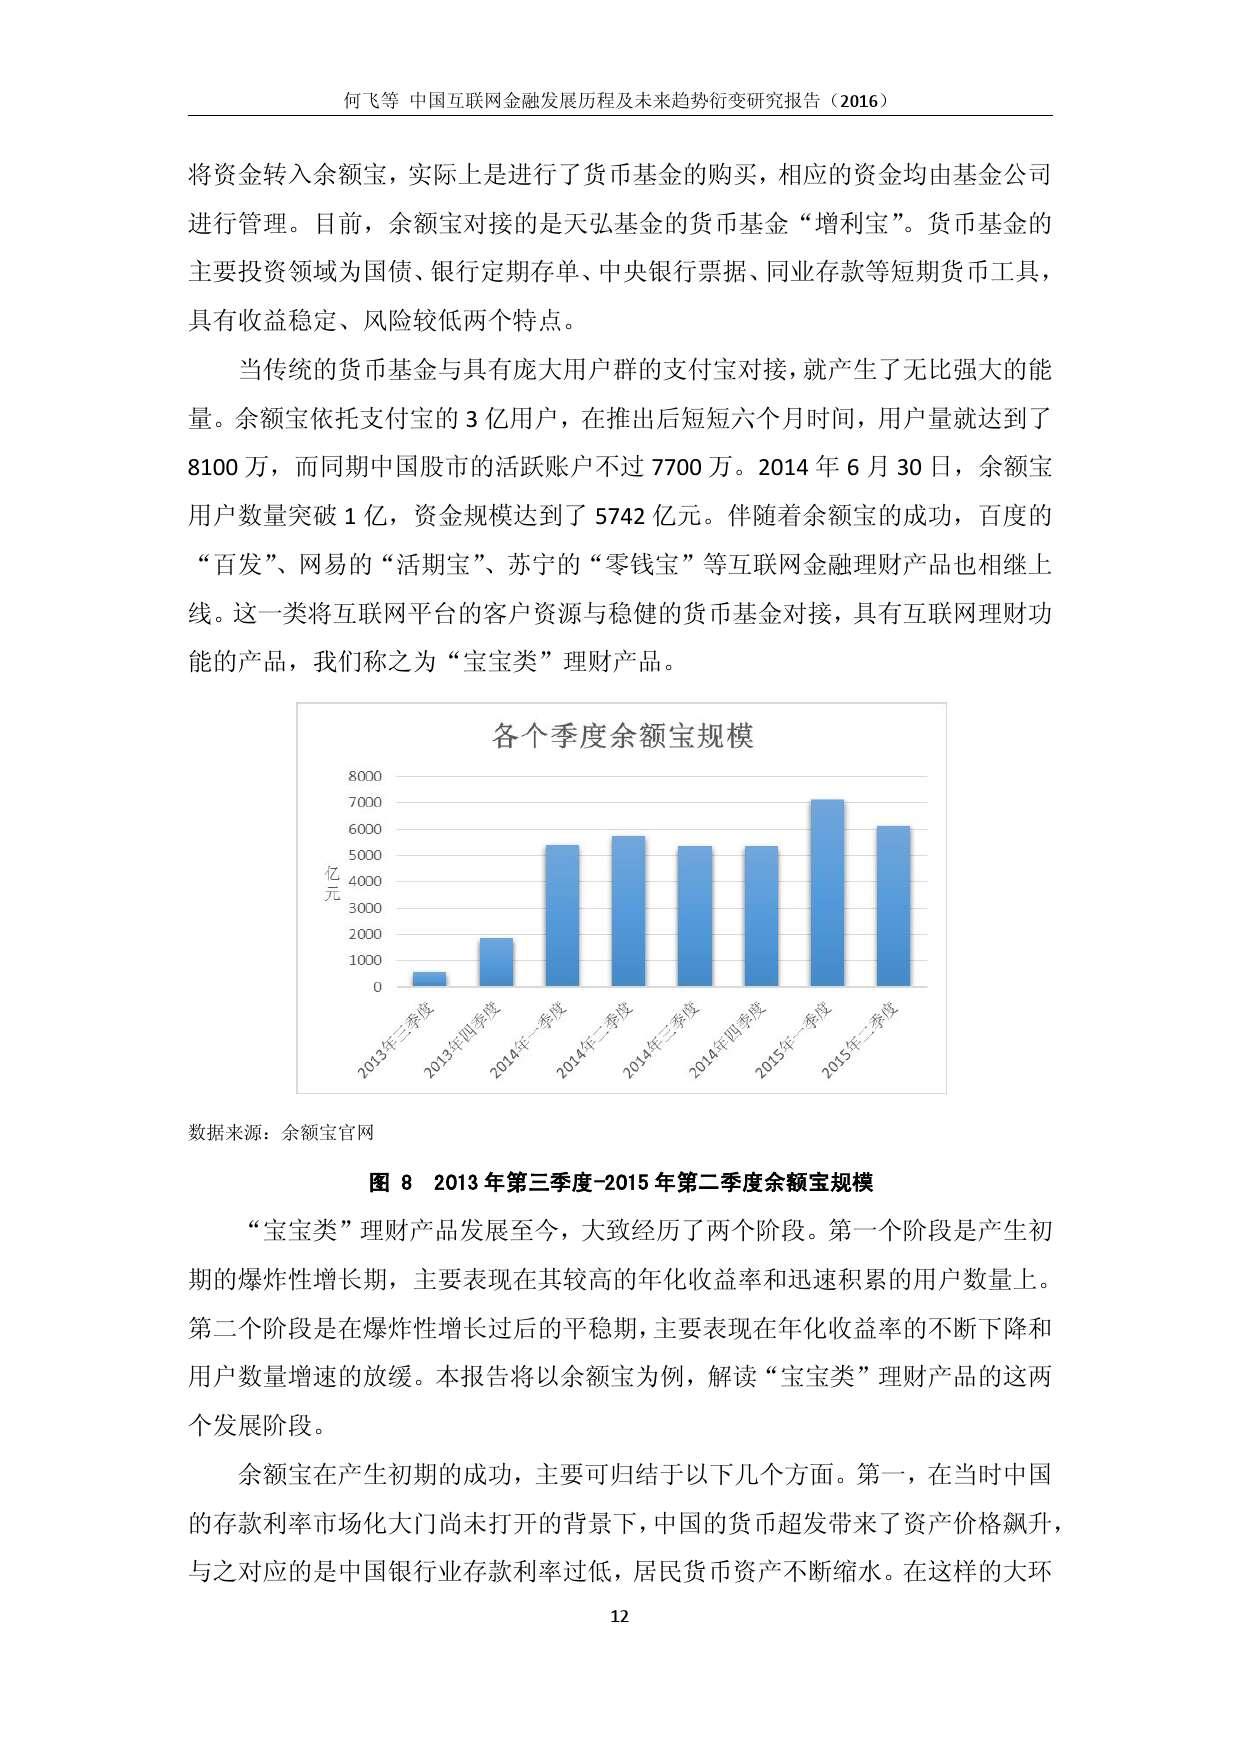 中国互联网金融发展历程及未来趋势衍变研究报告(2016)_000017